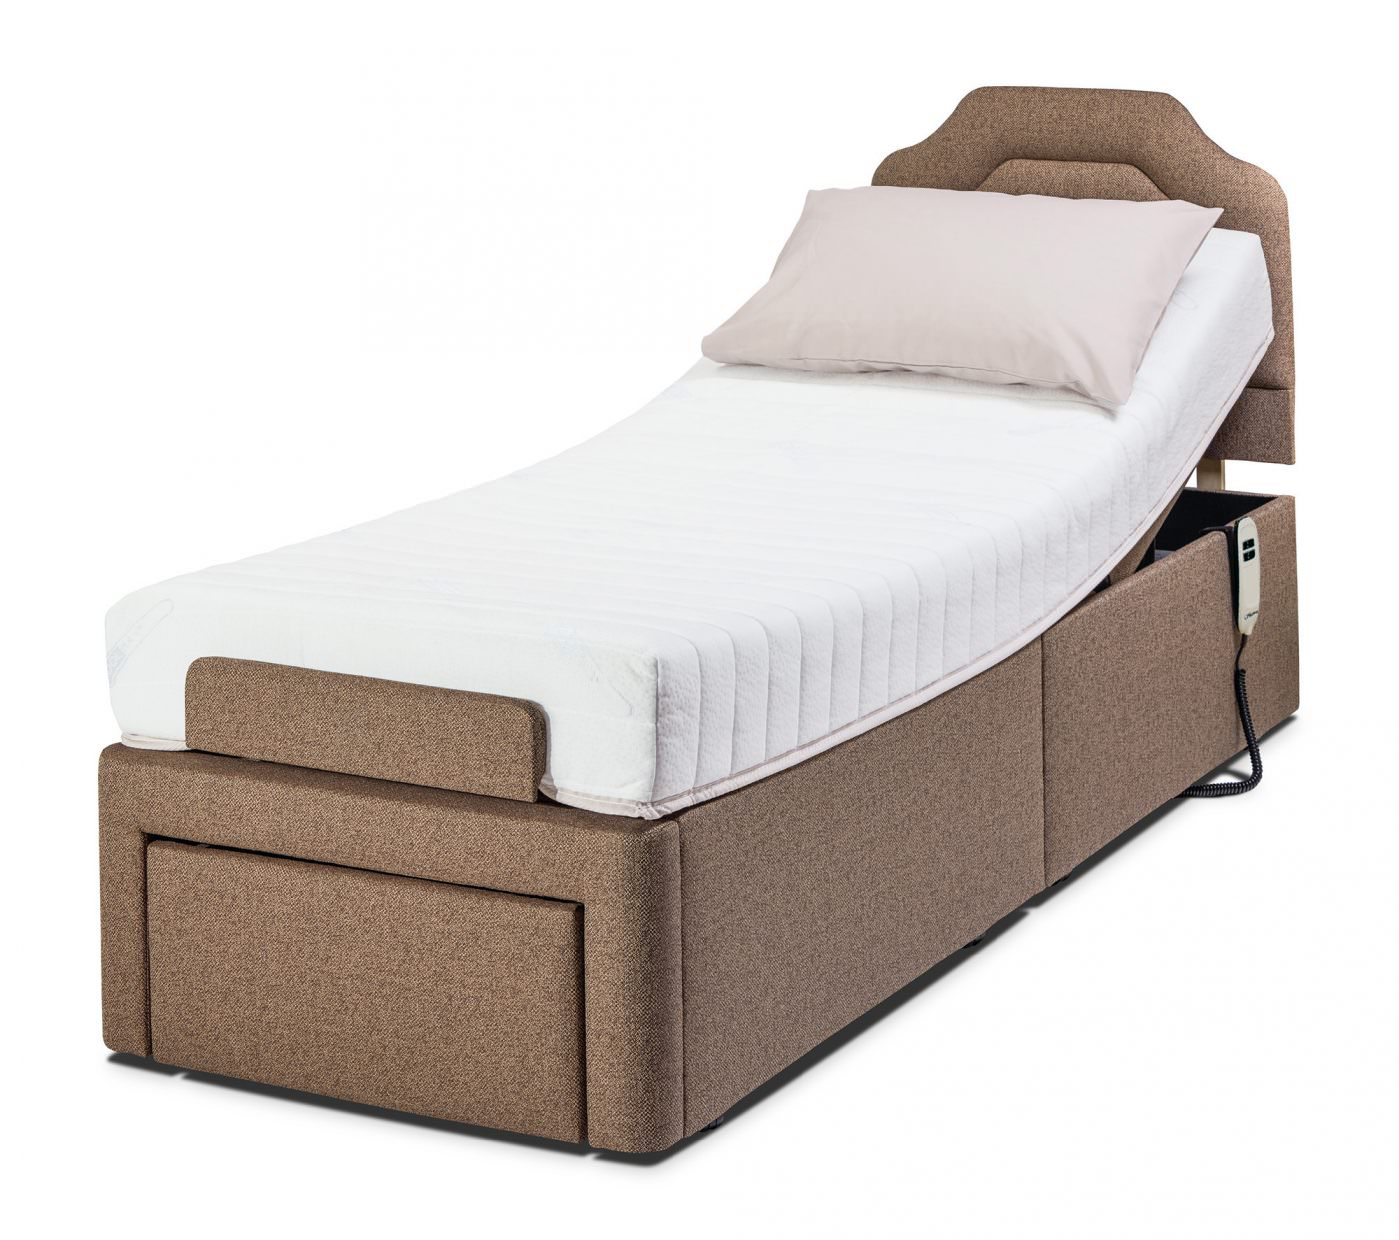 2 6 Sherborne Dorchester Electric Adjustable Bed